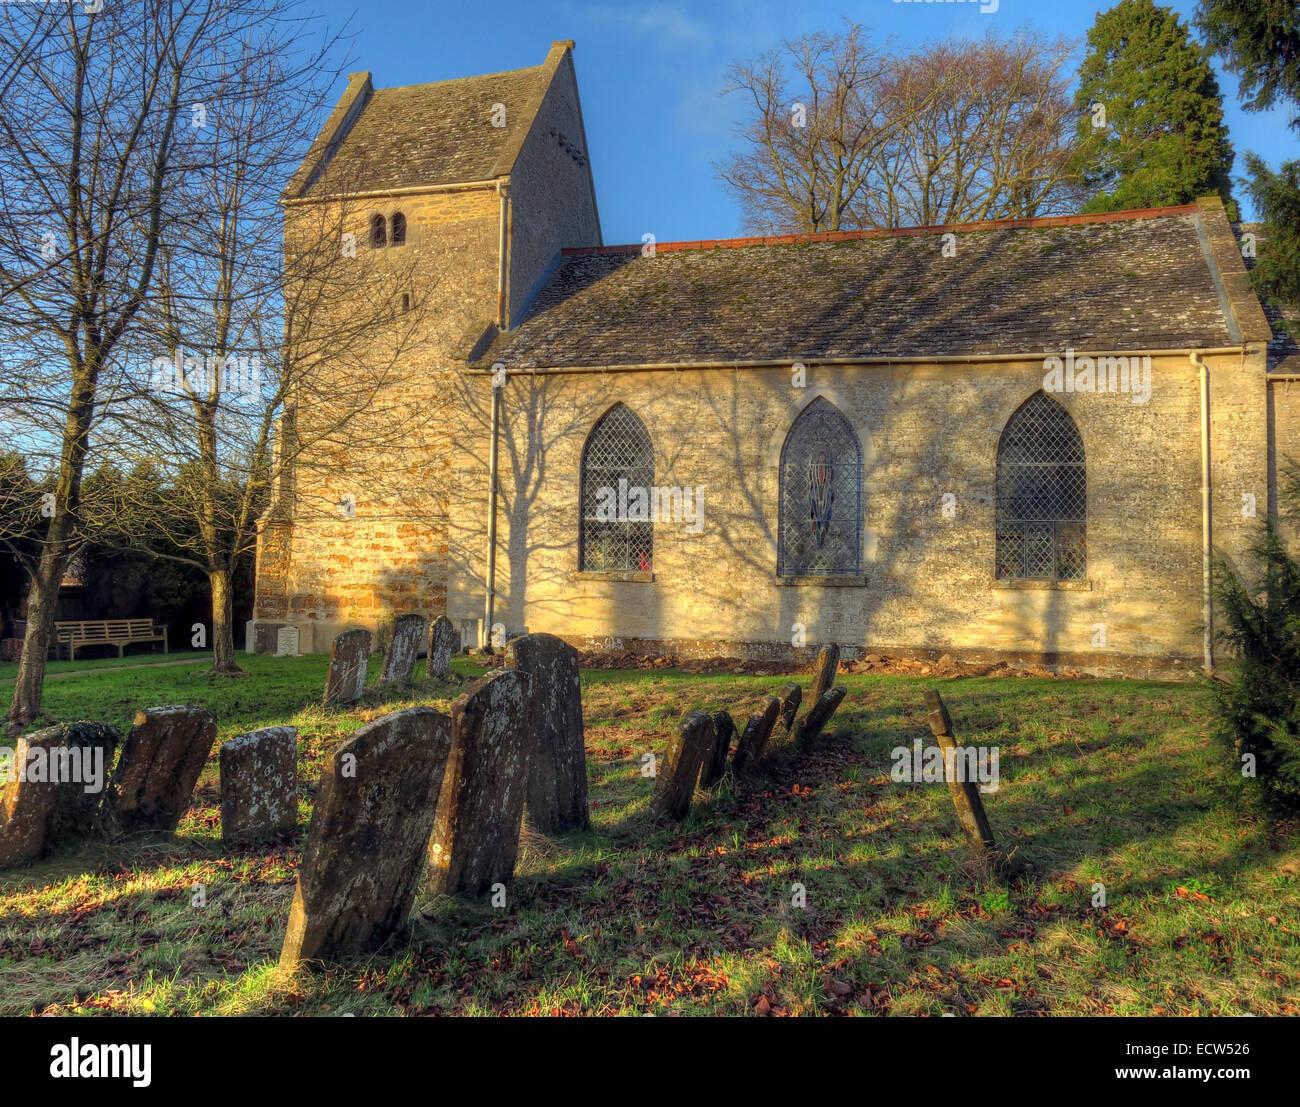 Laden Sie dieses Alamy Stockfoto St. Marys Kirche Ardley, Oxfordshire, England, Vereinigtes Königreich - ECW526